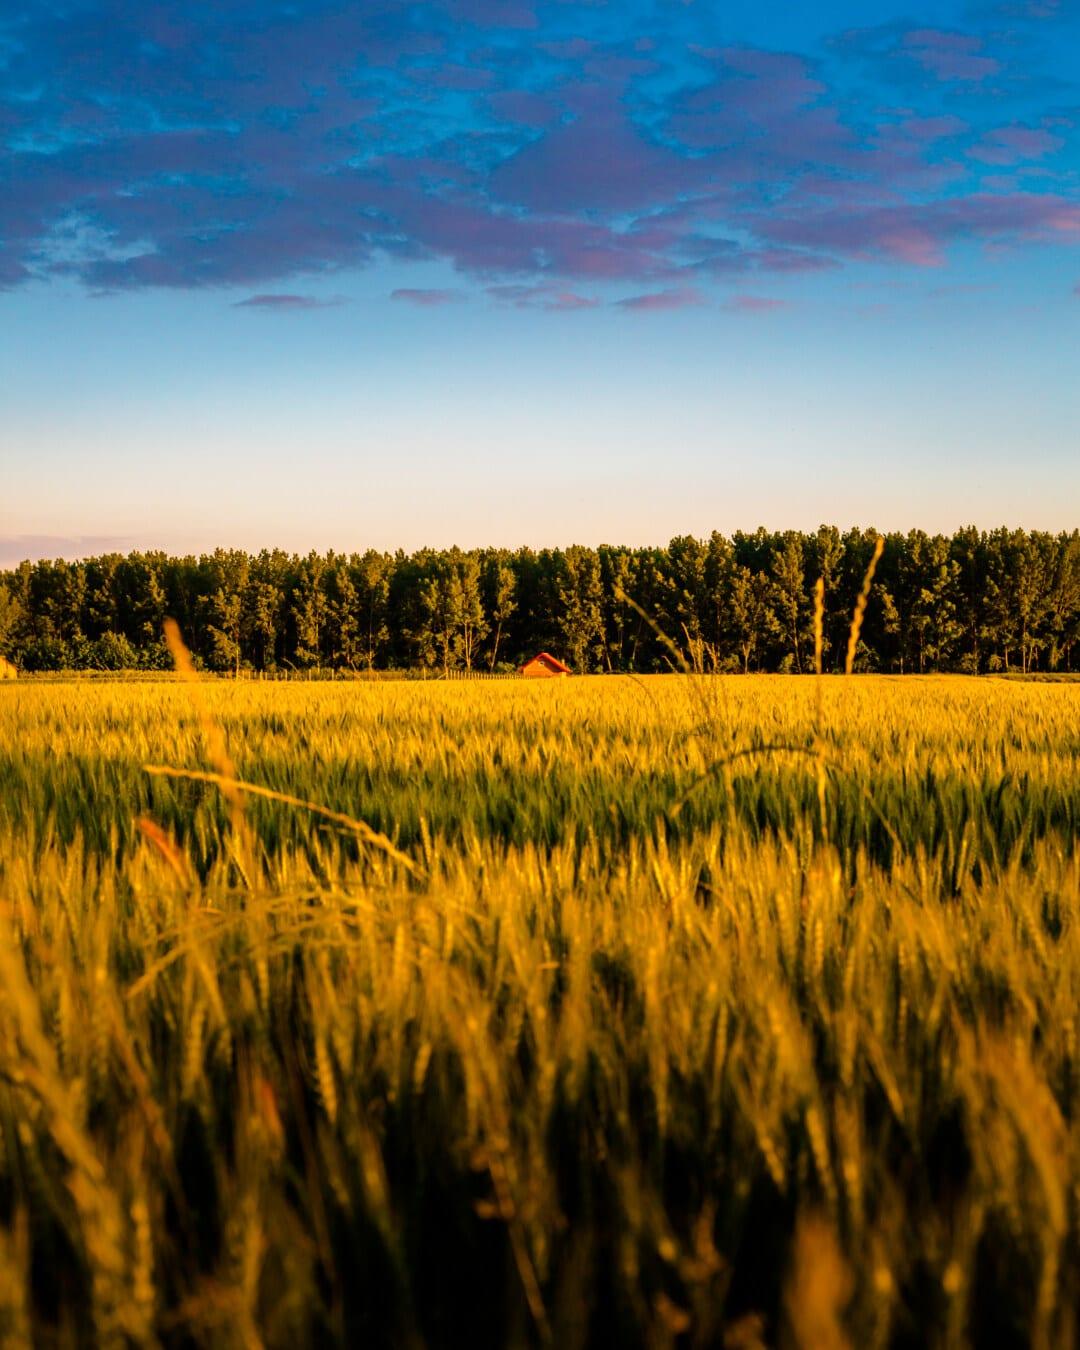 ferme, ferme, champ de blé, les terres agricoles, été, Agriculture, campagne, blé, domaine, paysage